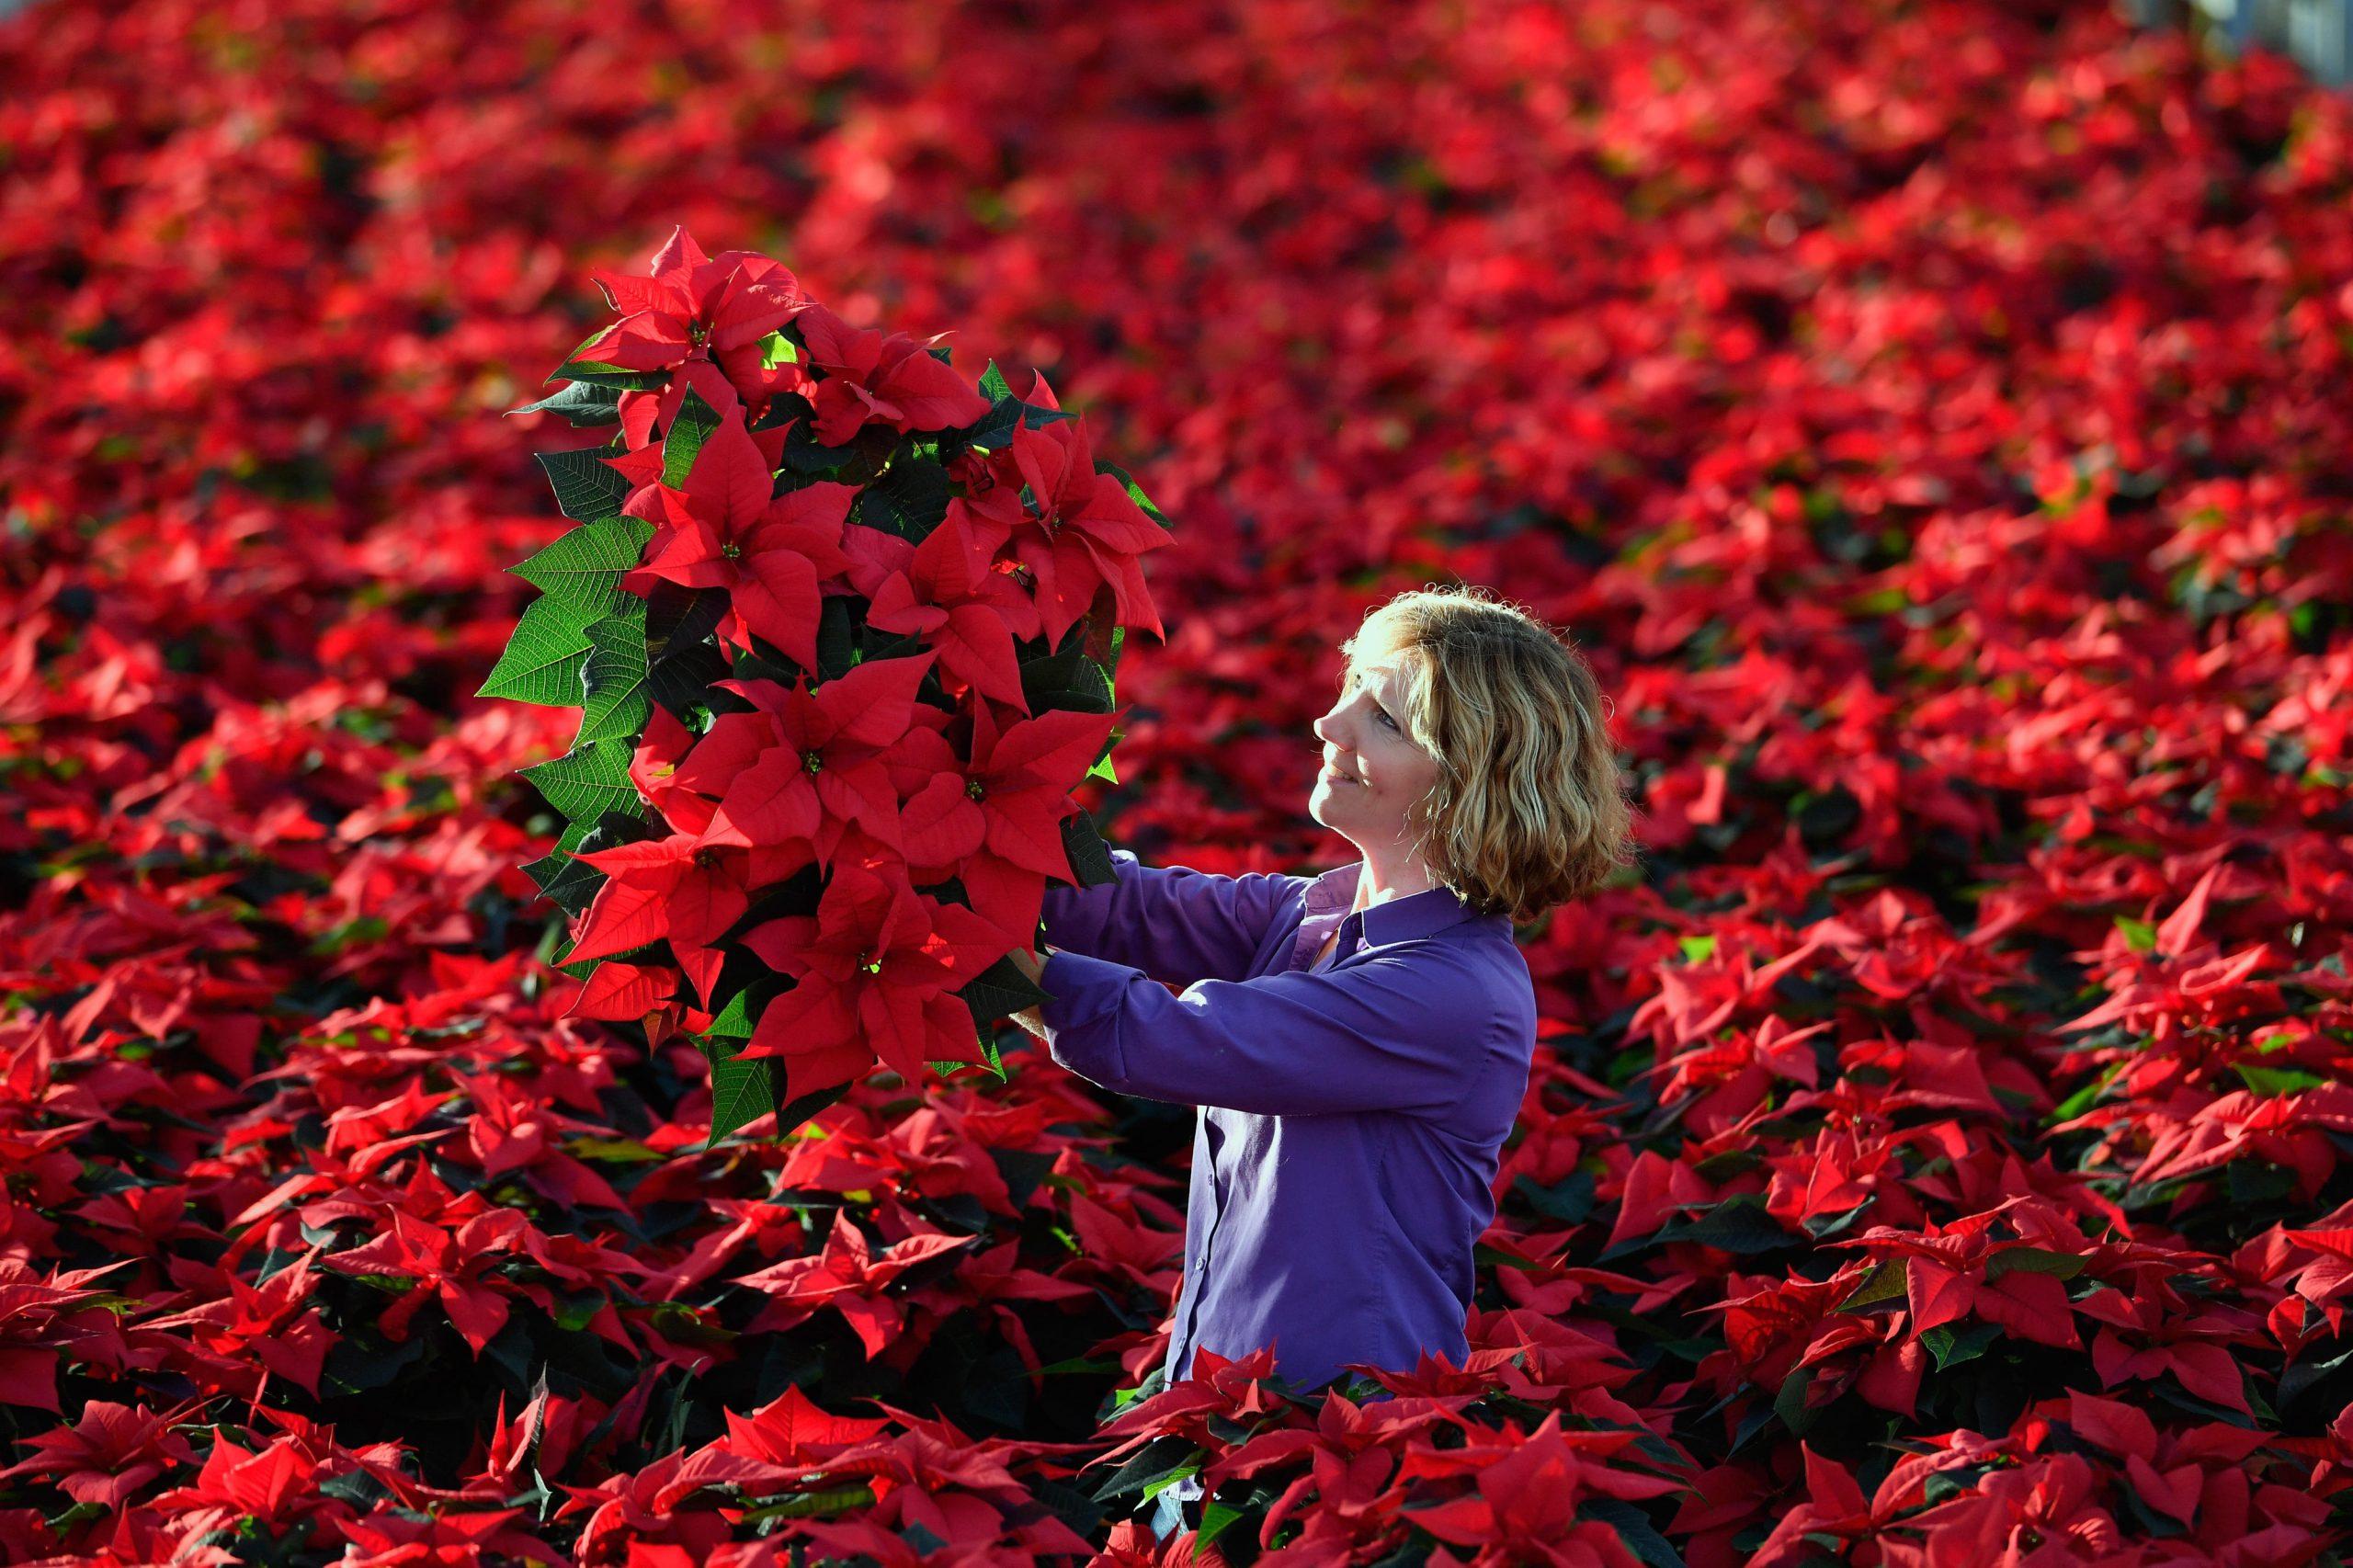 Weihnachtsstern (Pflanze): Das Verraten Die Blätter Über mit Weihnachtsstern Bild